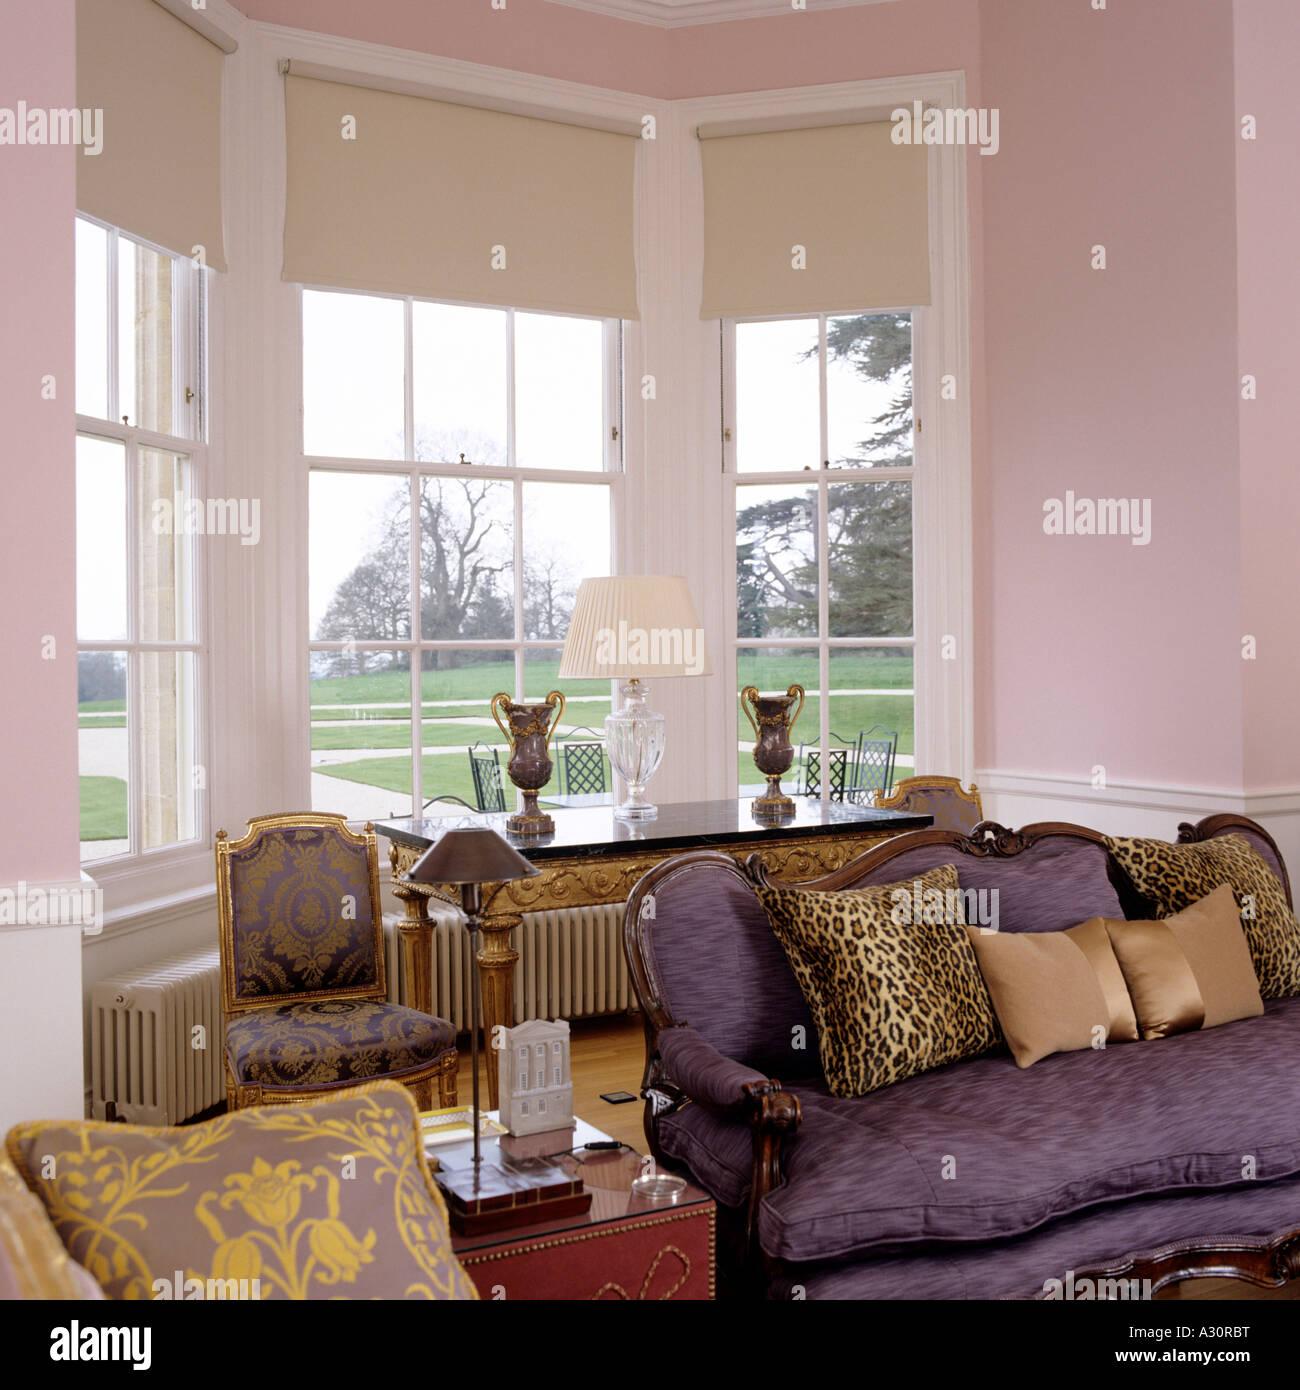 Gut Erker In Rosa Wohnzimmer Mit Antikem Sofa